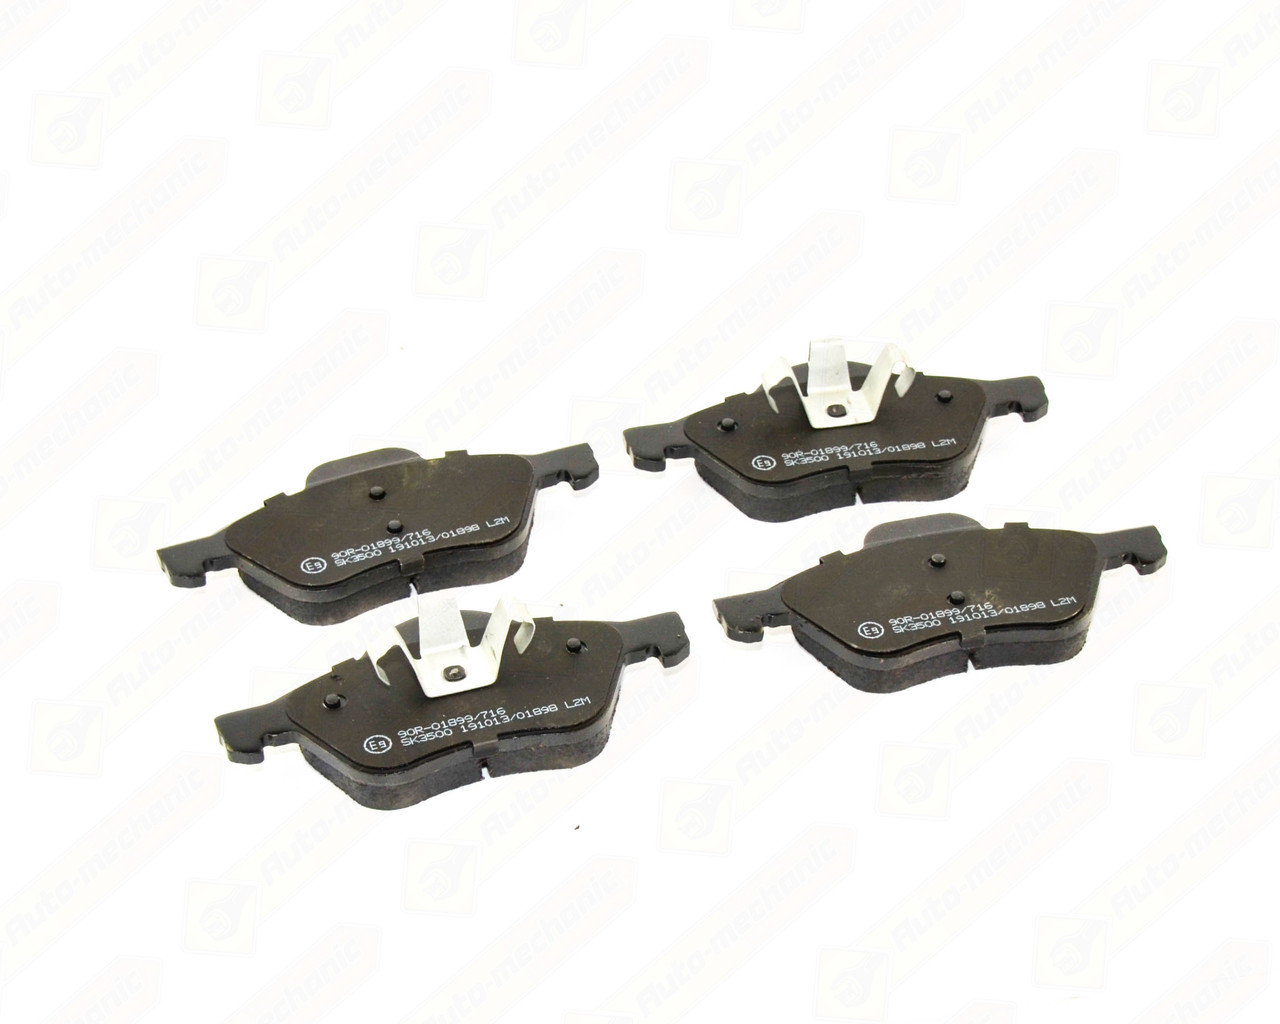 Купить Тормозные колодки, Дисковые тормозные колодки (передние) на Renault Scenic II 2001->2009 - LPR - LPR05P1279